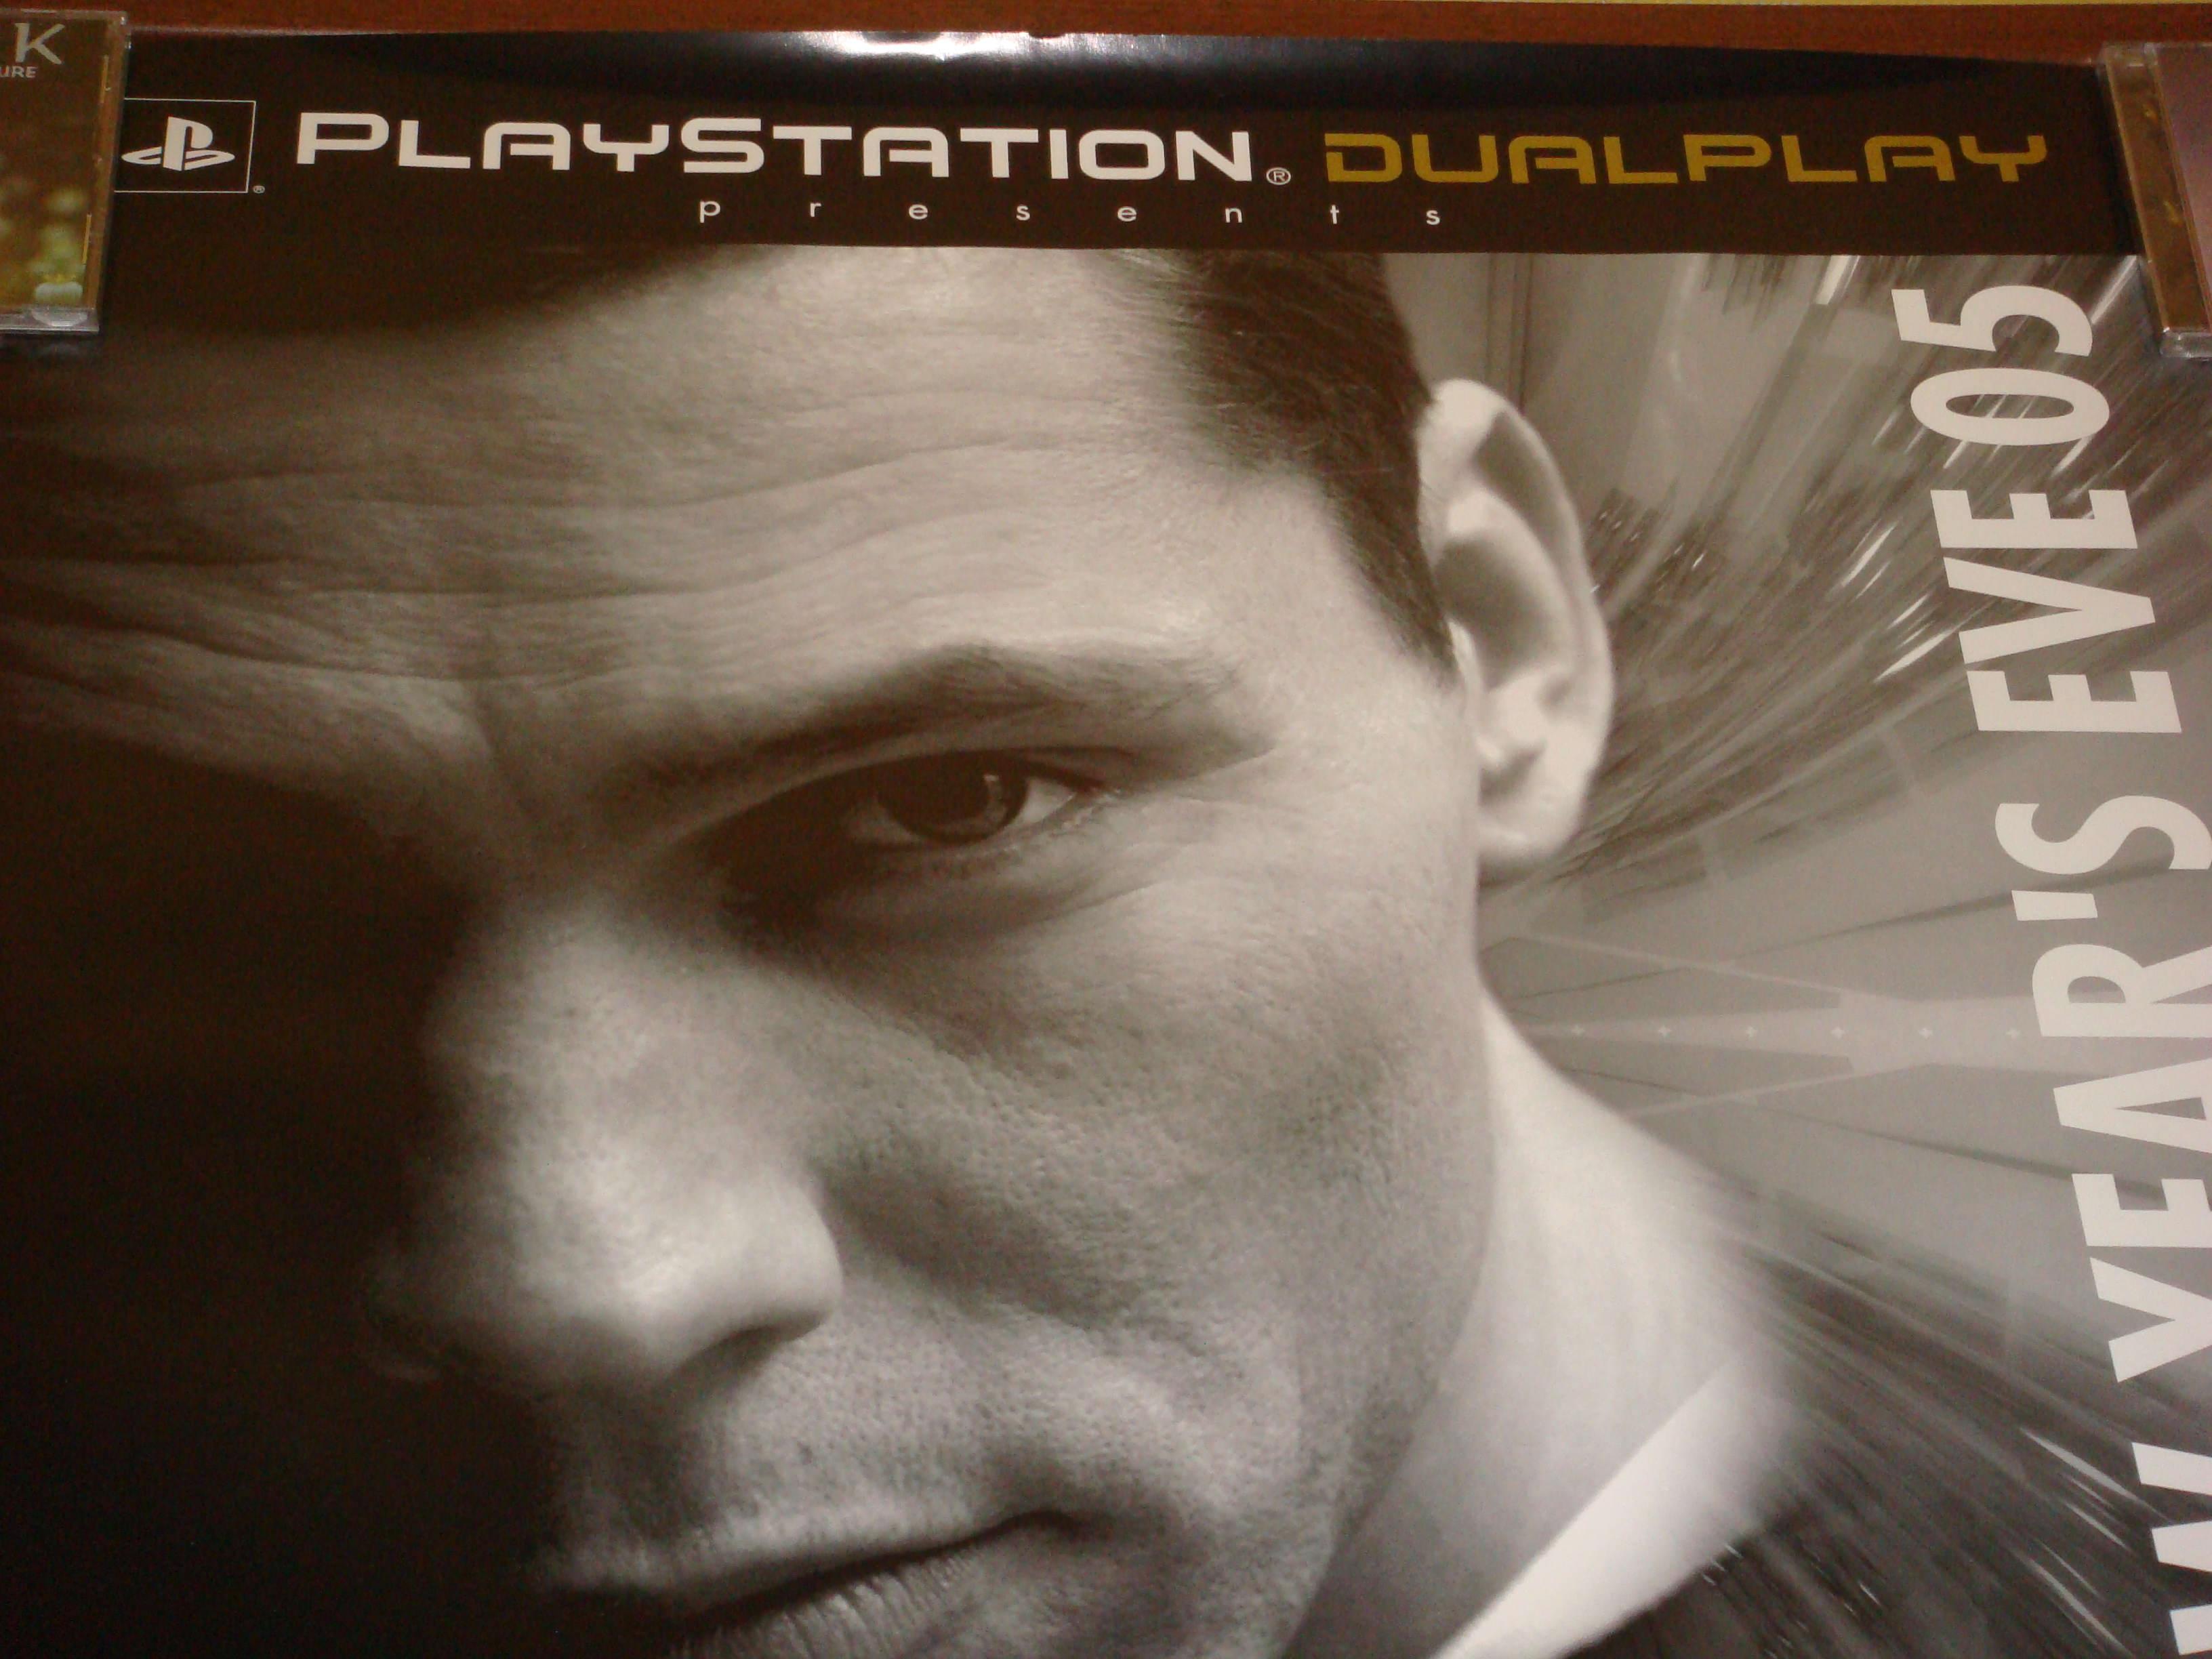 Dj Tiesto Live at Palladium Hollywood 31 December 2005 Poster